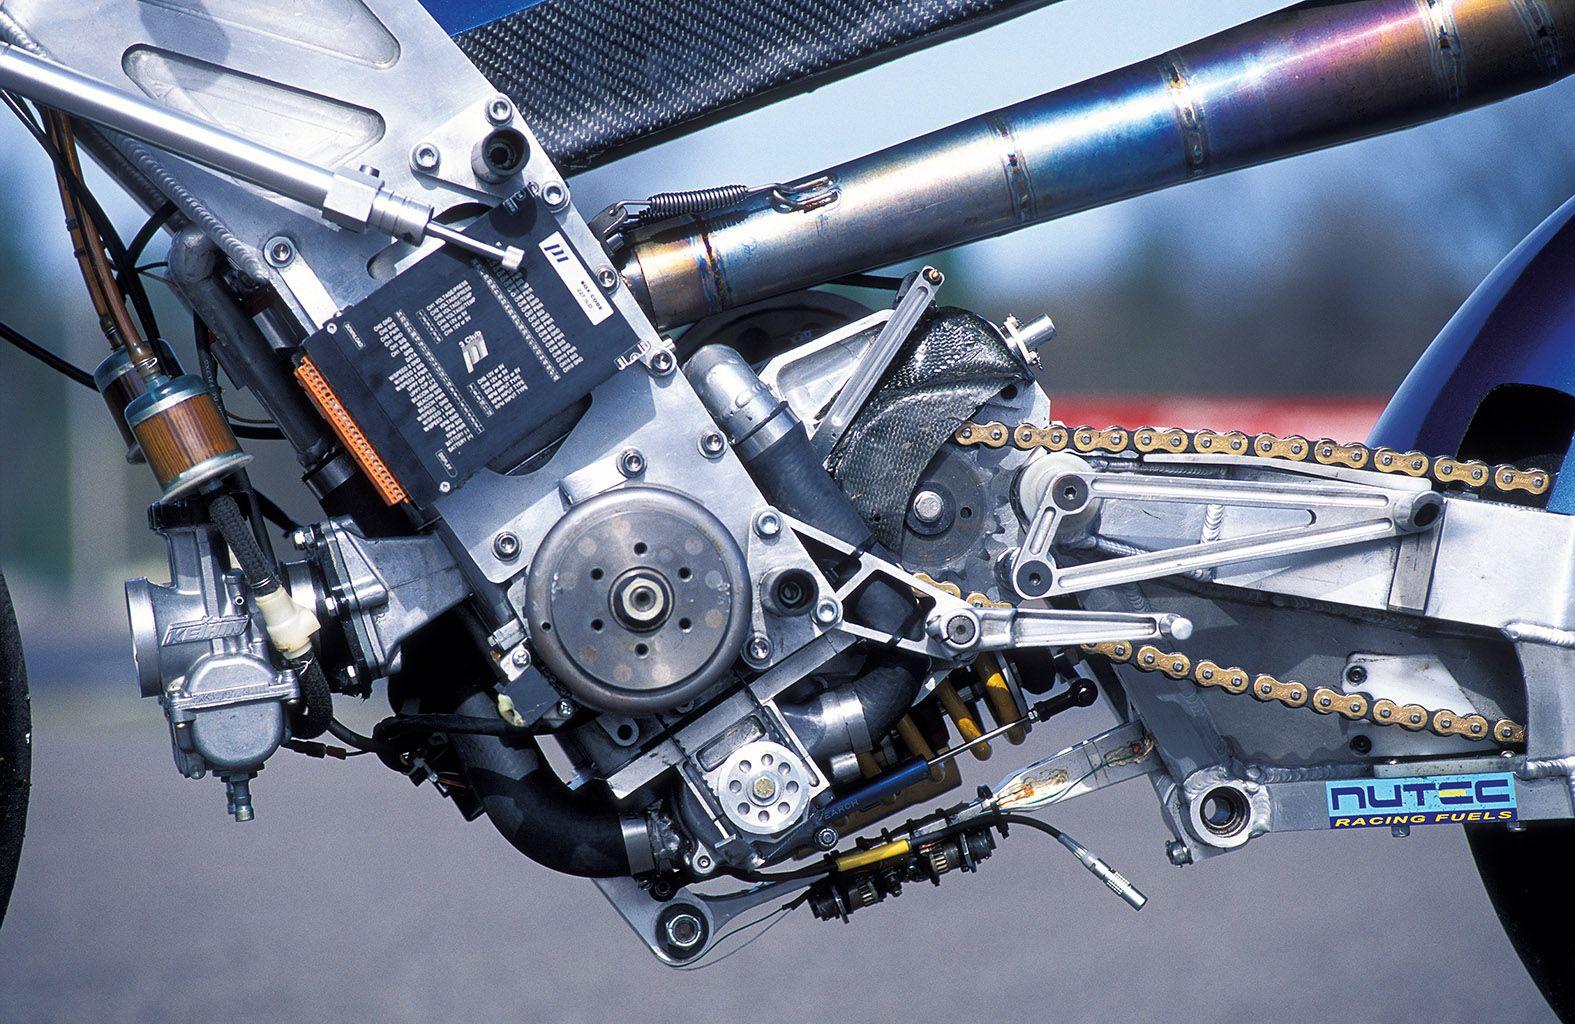 Tularis 800 motocycle motobike electric ? engine   Bike design, Motorcycle  design, Racing motorcycles